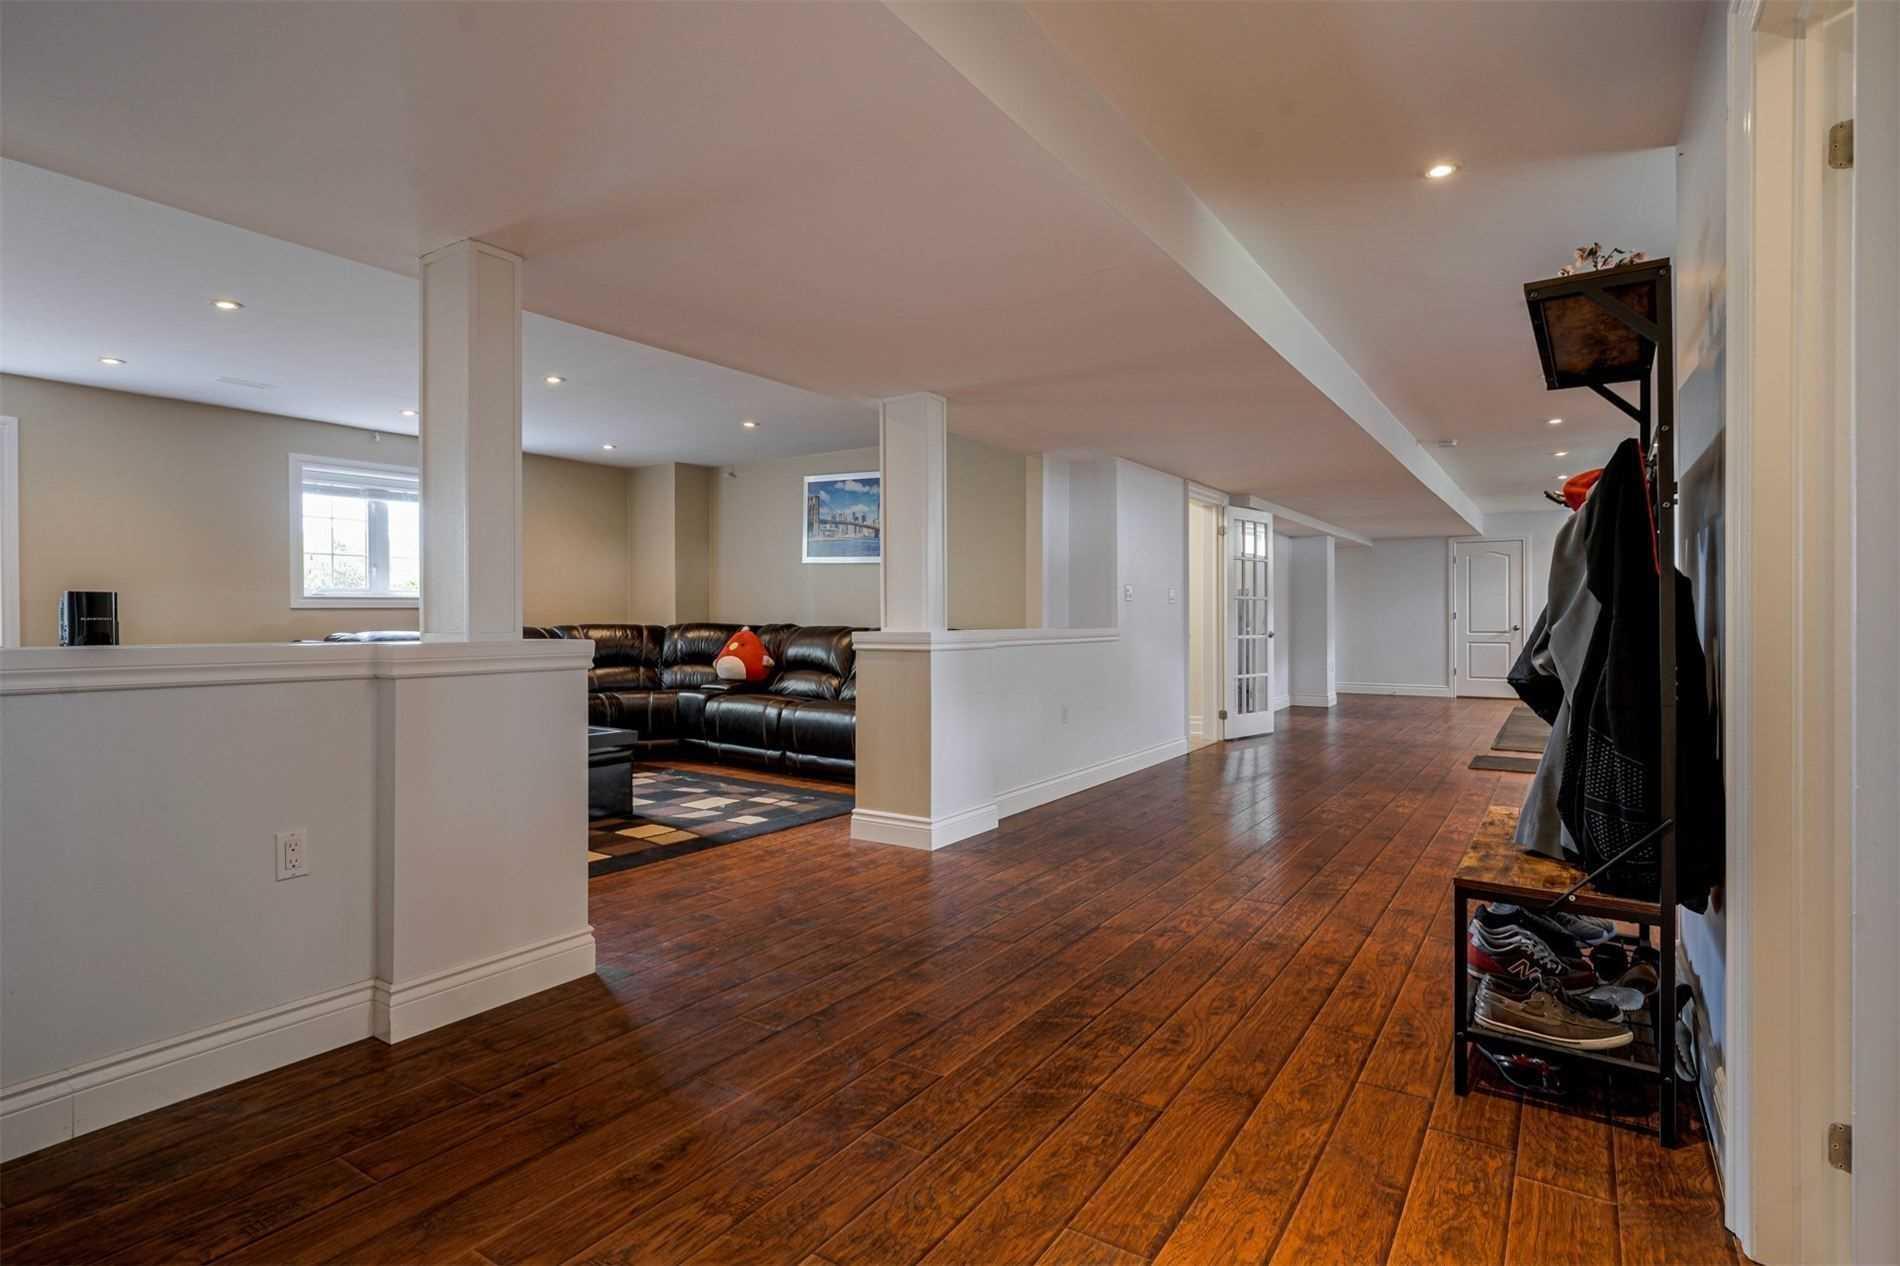 315 Highway 47 Rd - Rural Uxbridge Detached for sale, 3 Bedrooms (N5306115) - #27